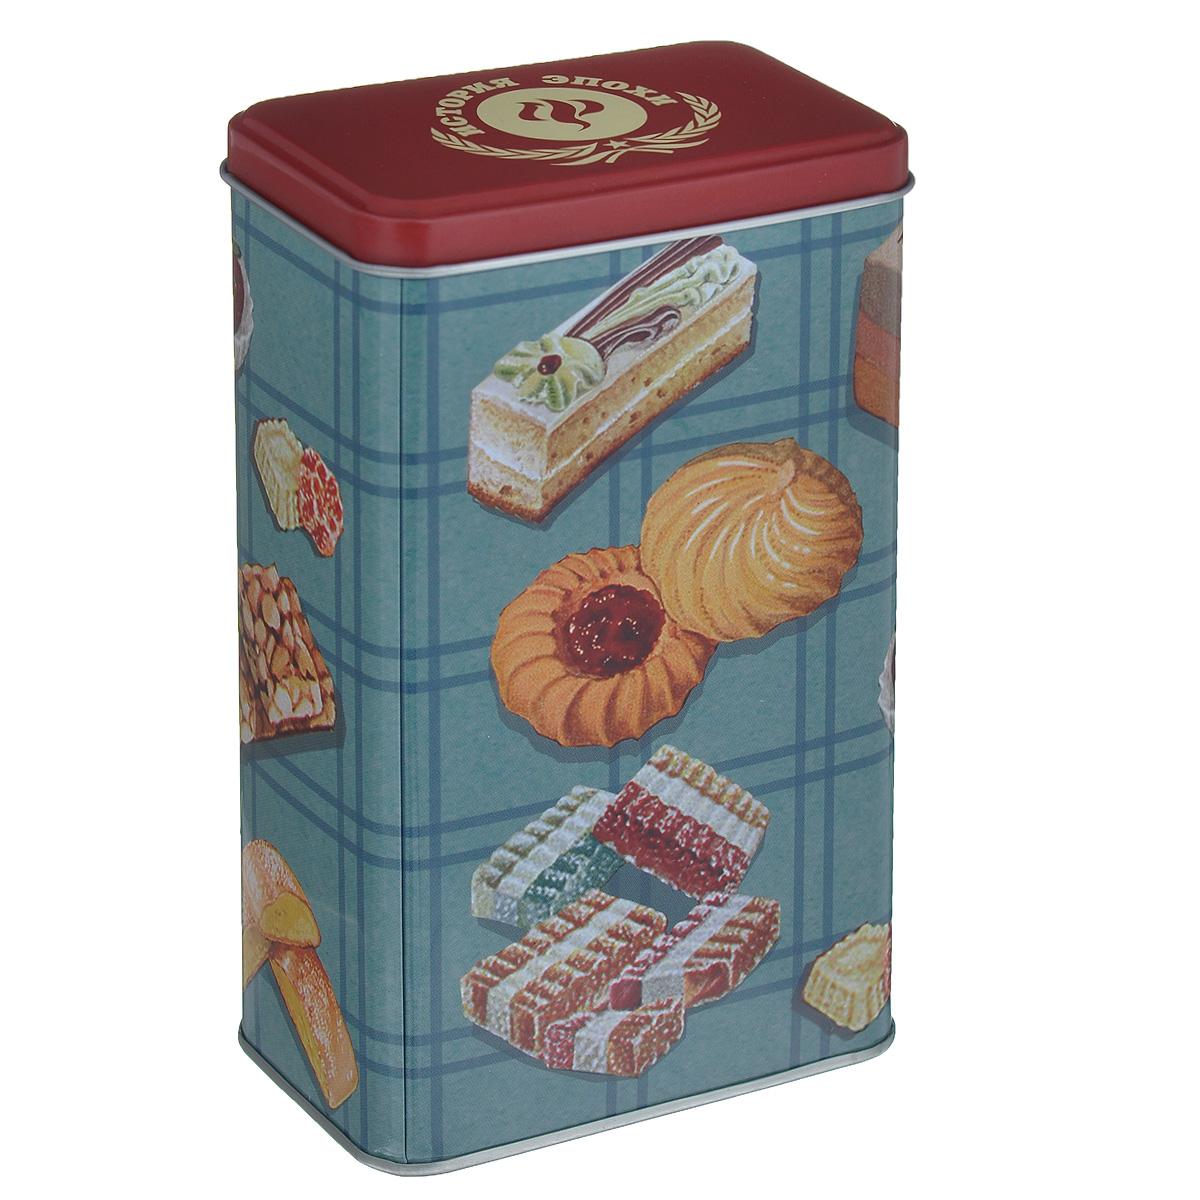 Банка для сыпучих продуктов Сладости, 850 мл банка для сыпучих продуктов сладости 850 мл